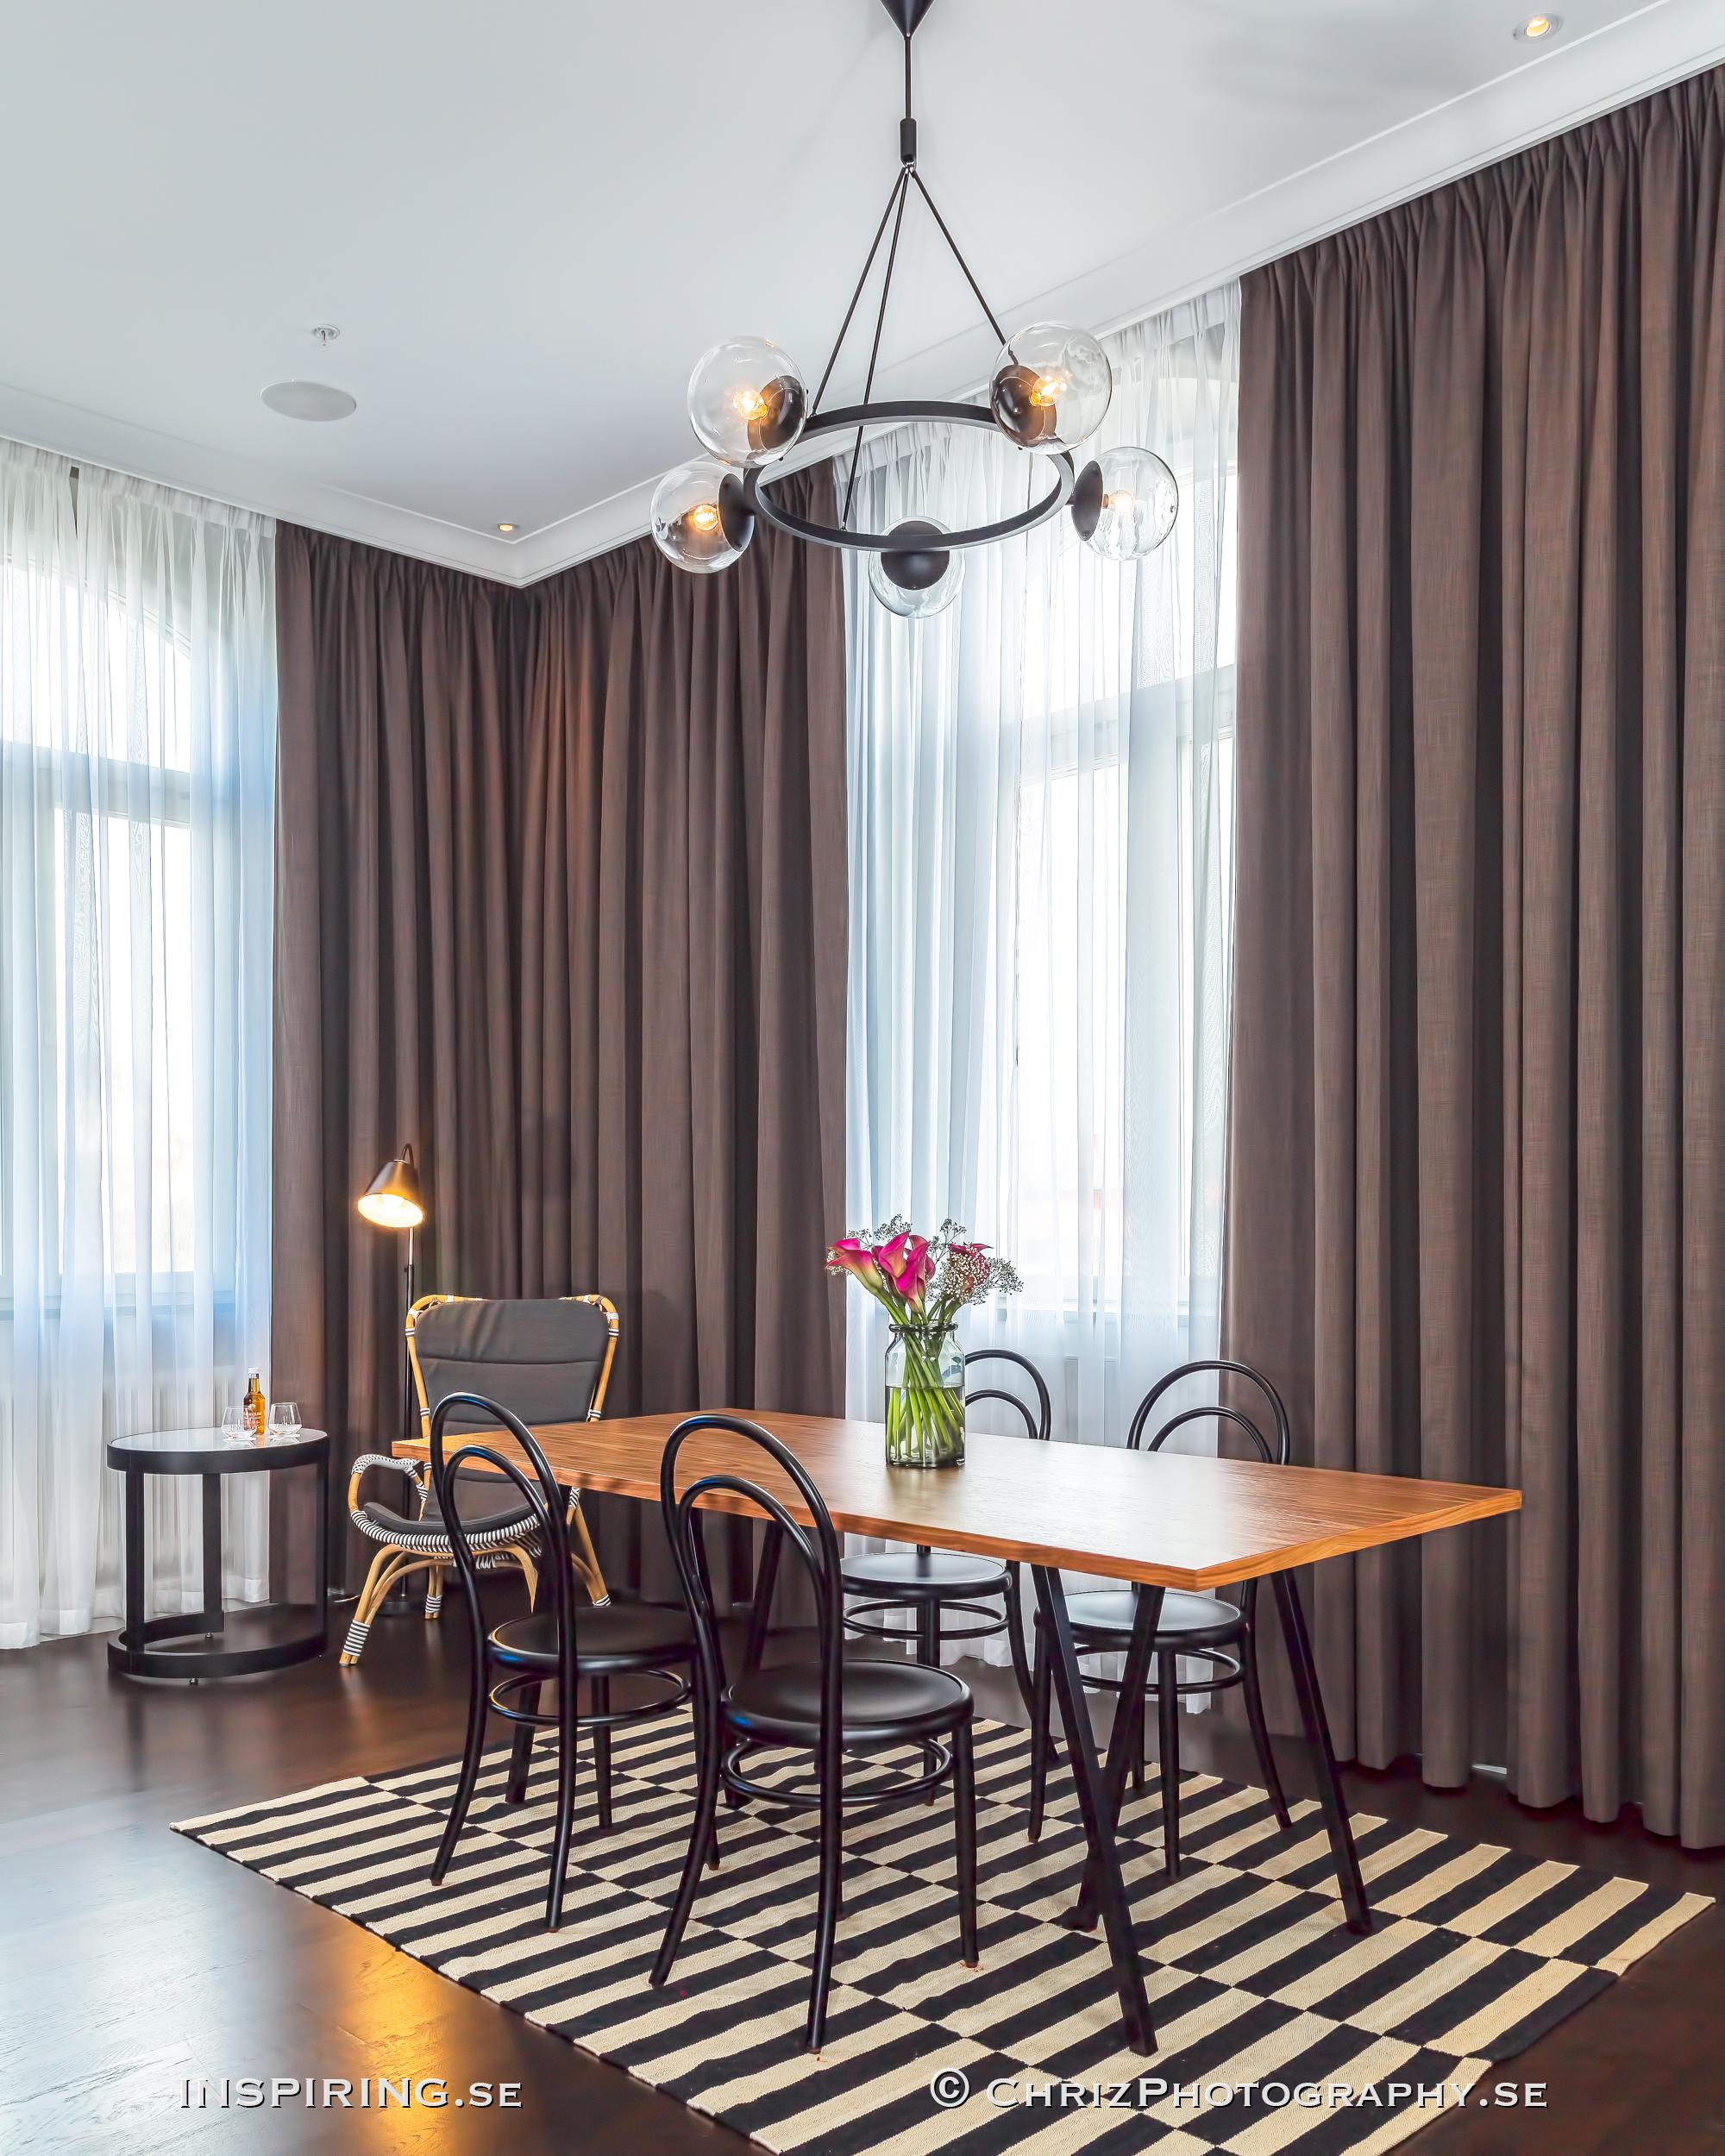 Elite_Hotel_Mimer_Inspiring.se_copyright_ChrizPhotography.se_14.jpg